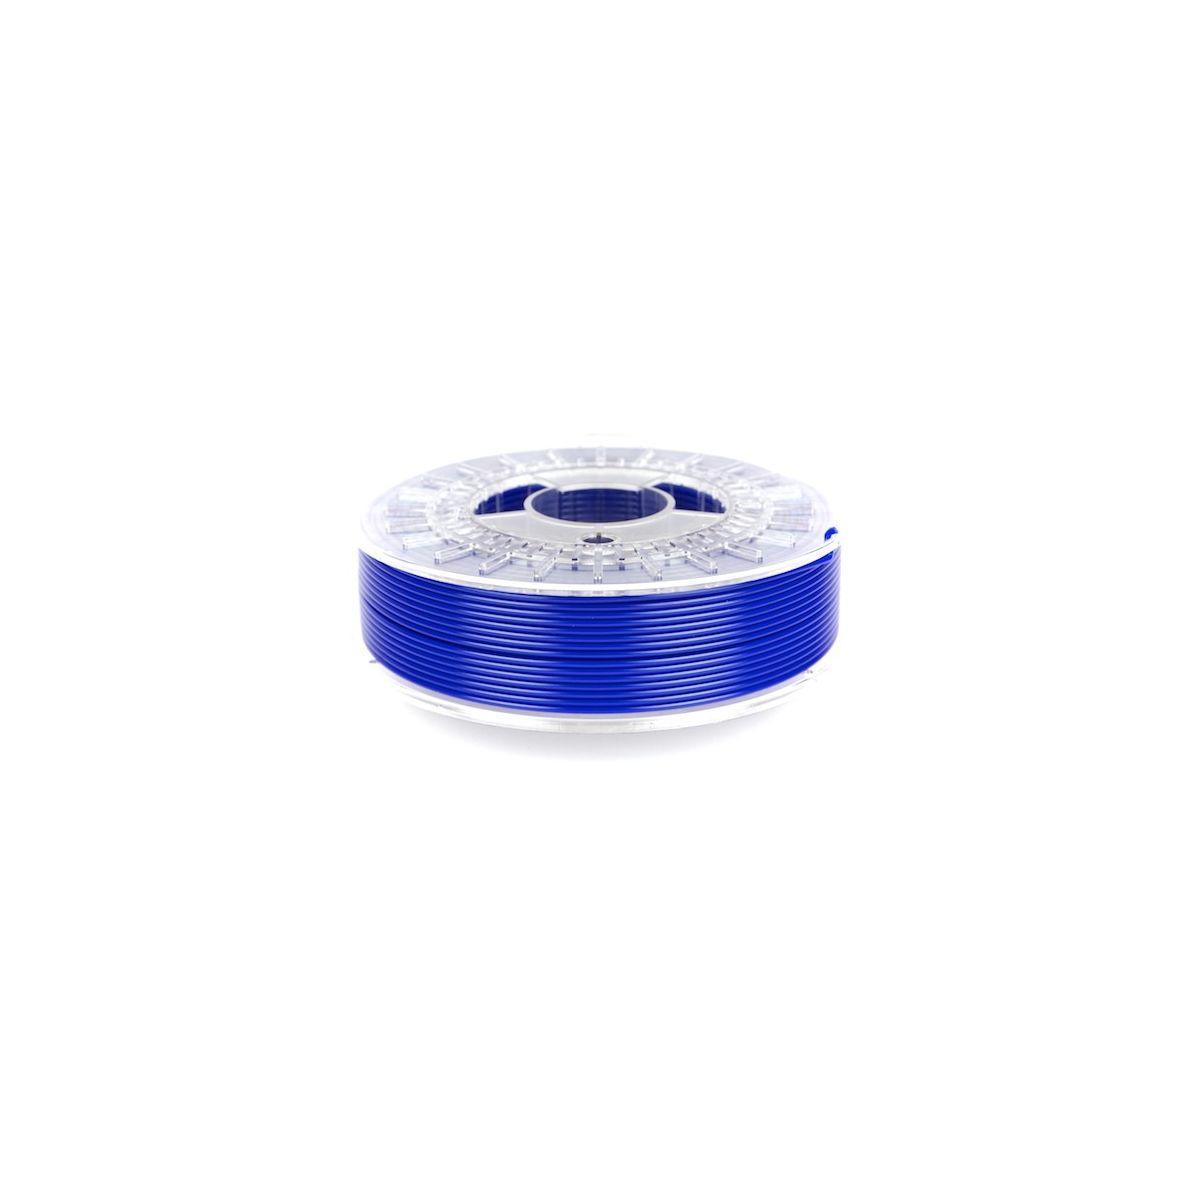 Filament 3d colorfabb pla bleu marine 1.75mm - 2% de remise im...